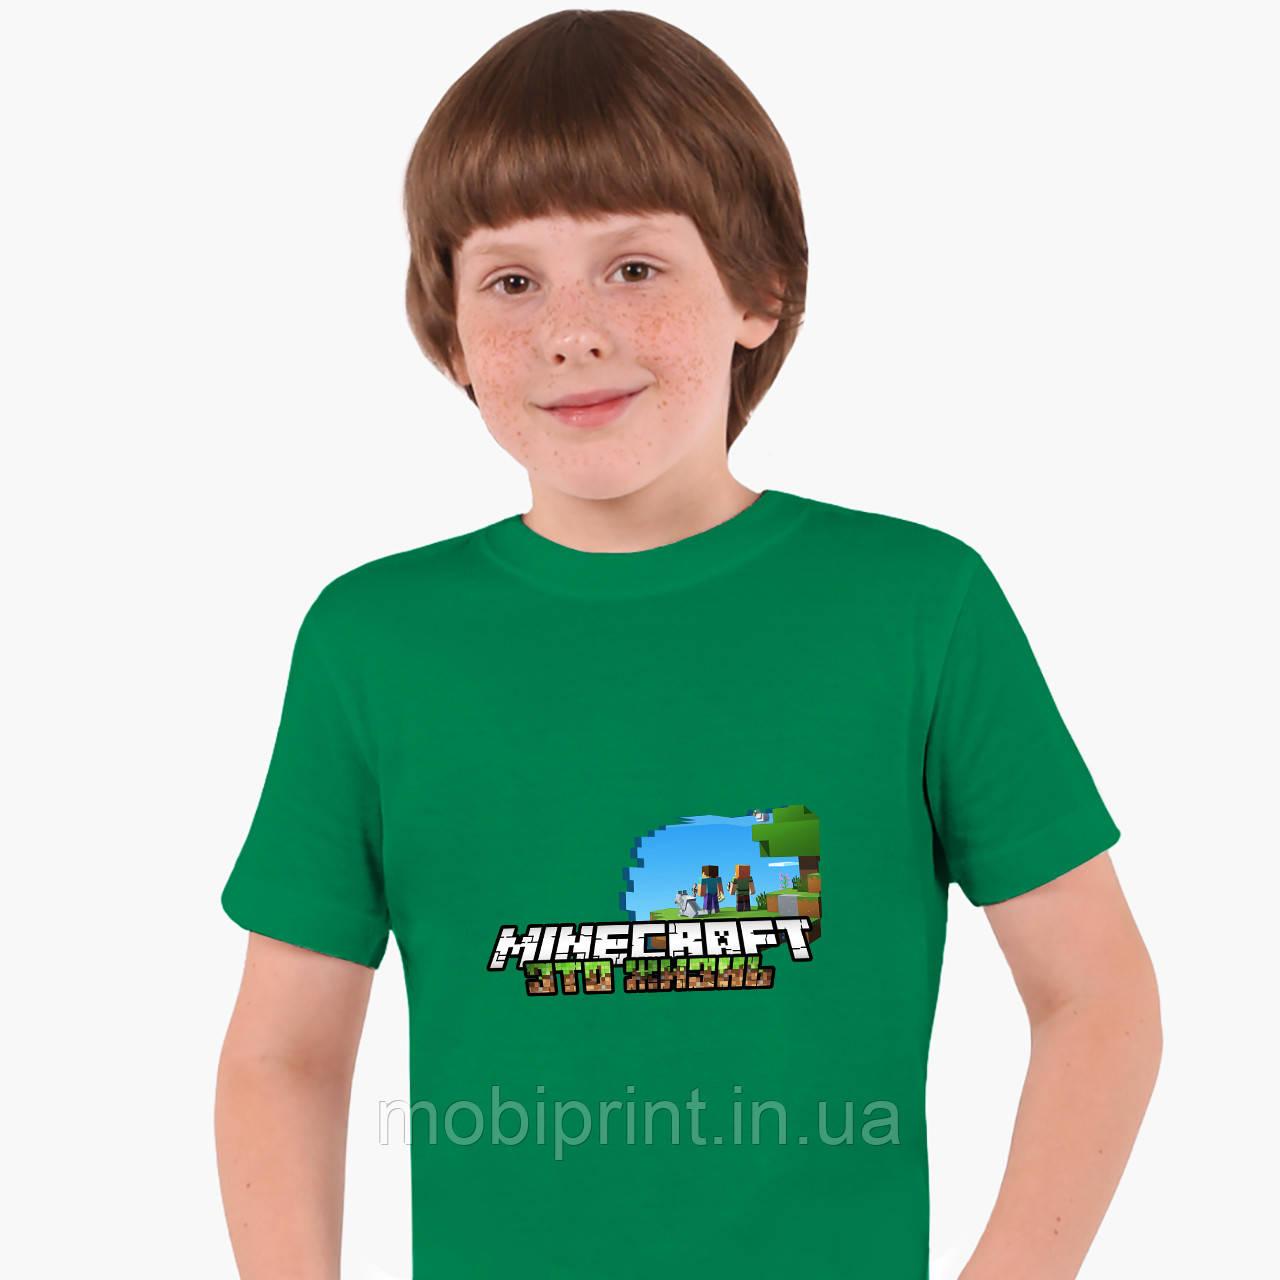 Детская футболка для мальчиков Майнкрафт (Minecraft) (25186-1170) Зеленый